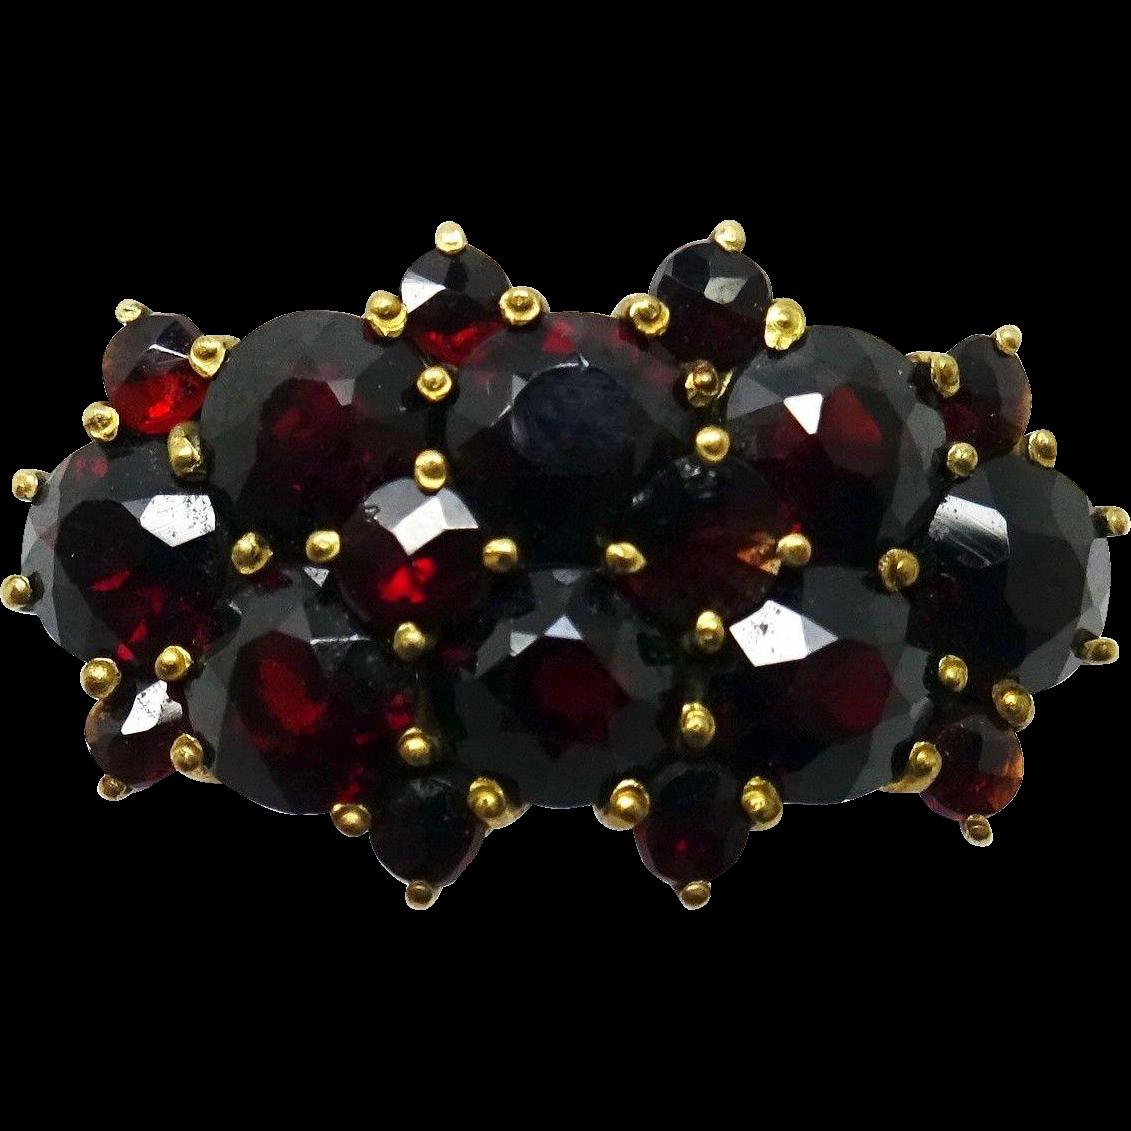 14 Karat Yellow Gold Genuine Natural Bohemian Garnet Ring